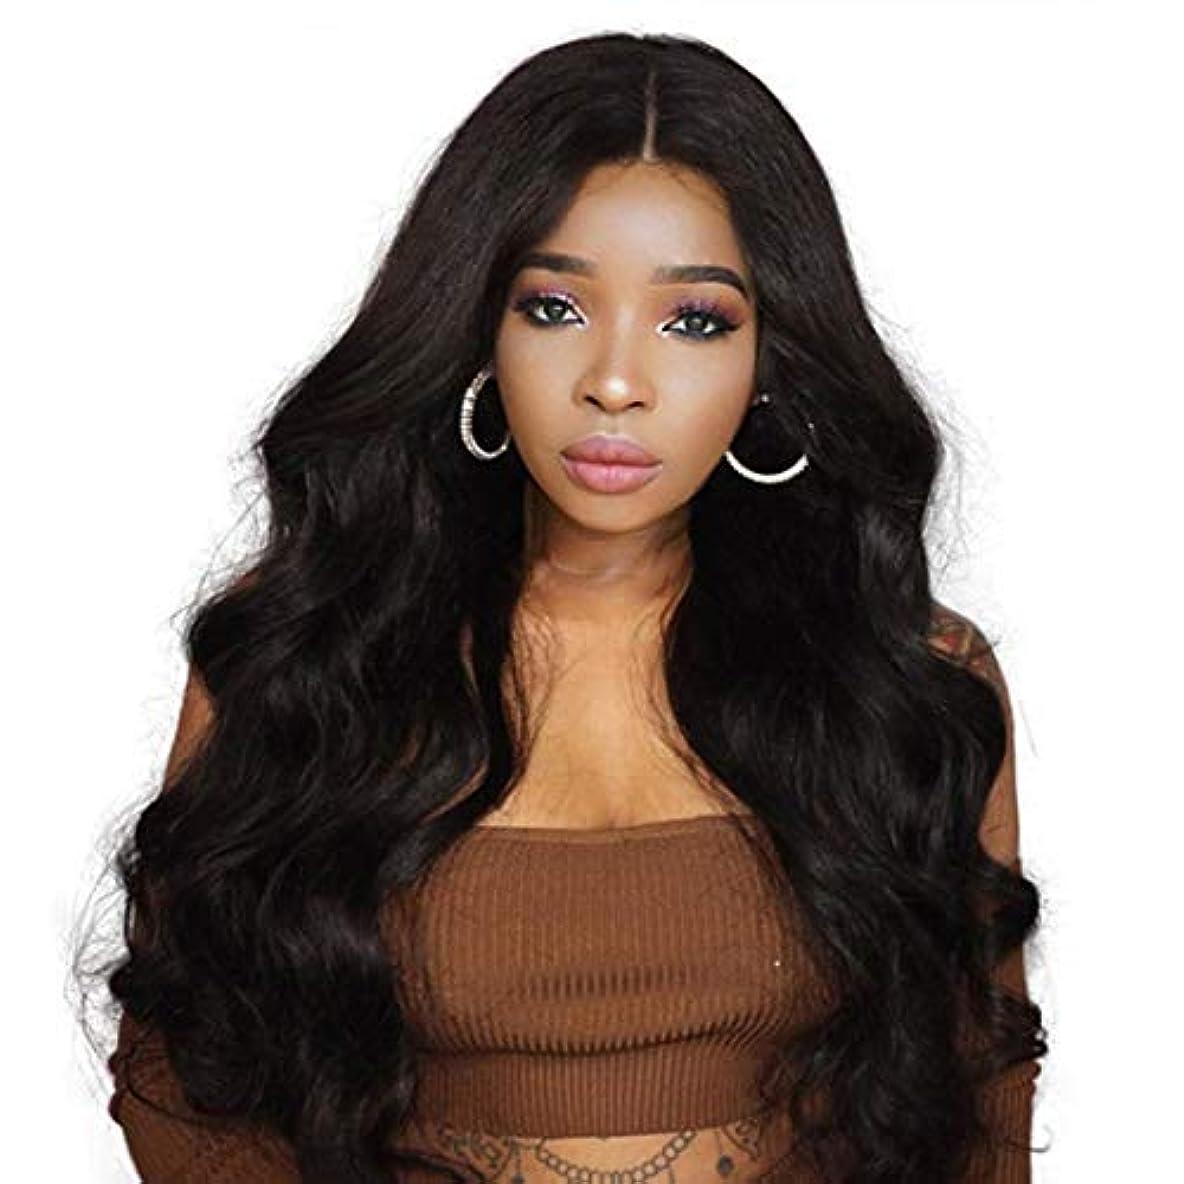 病気だと思うラフト模索Kerwinner 黒人女性のための長い波状の合成かつらカーリー合成かつら